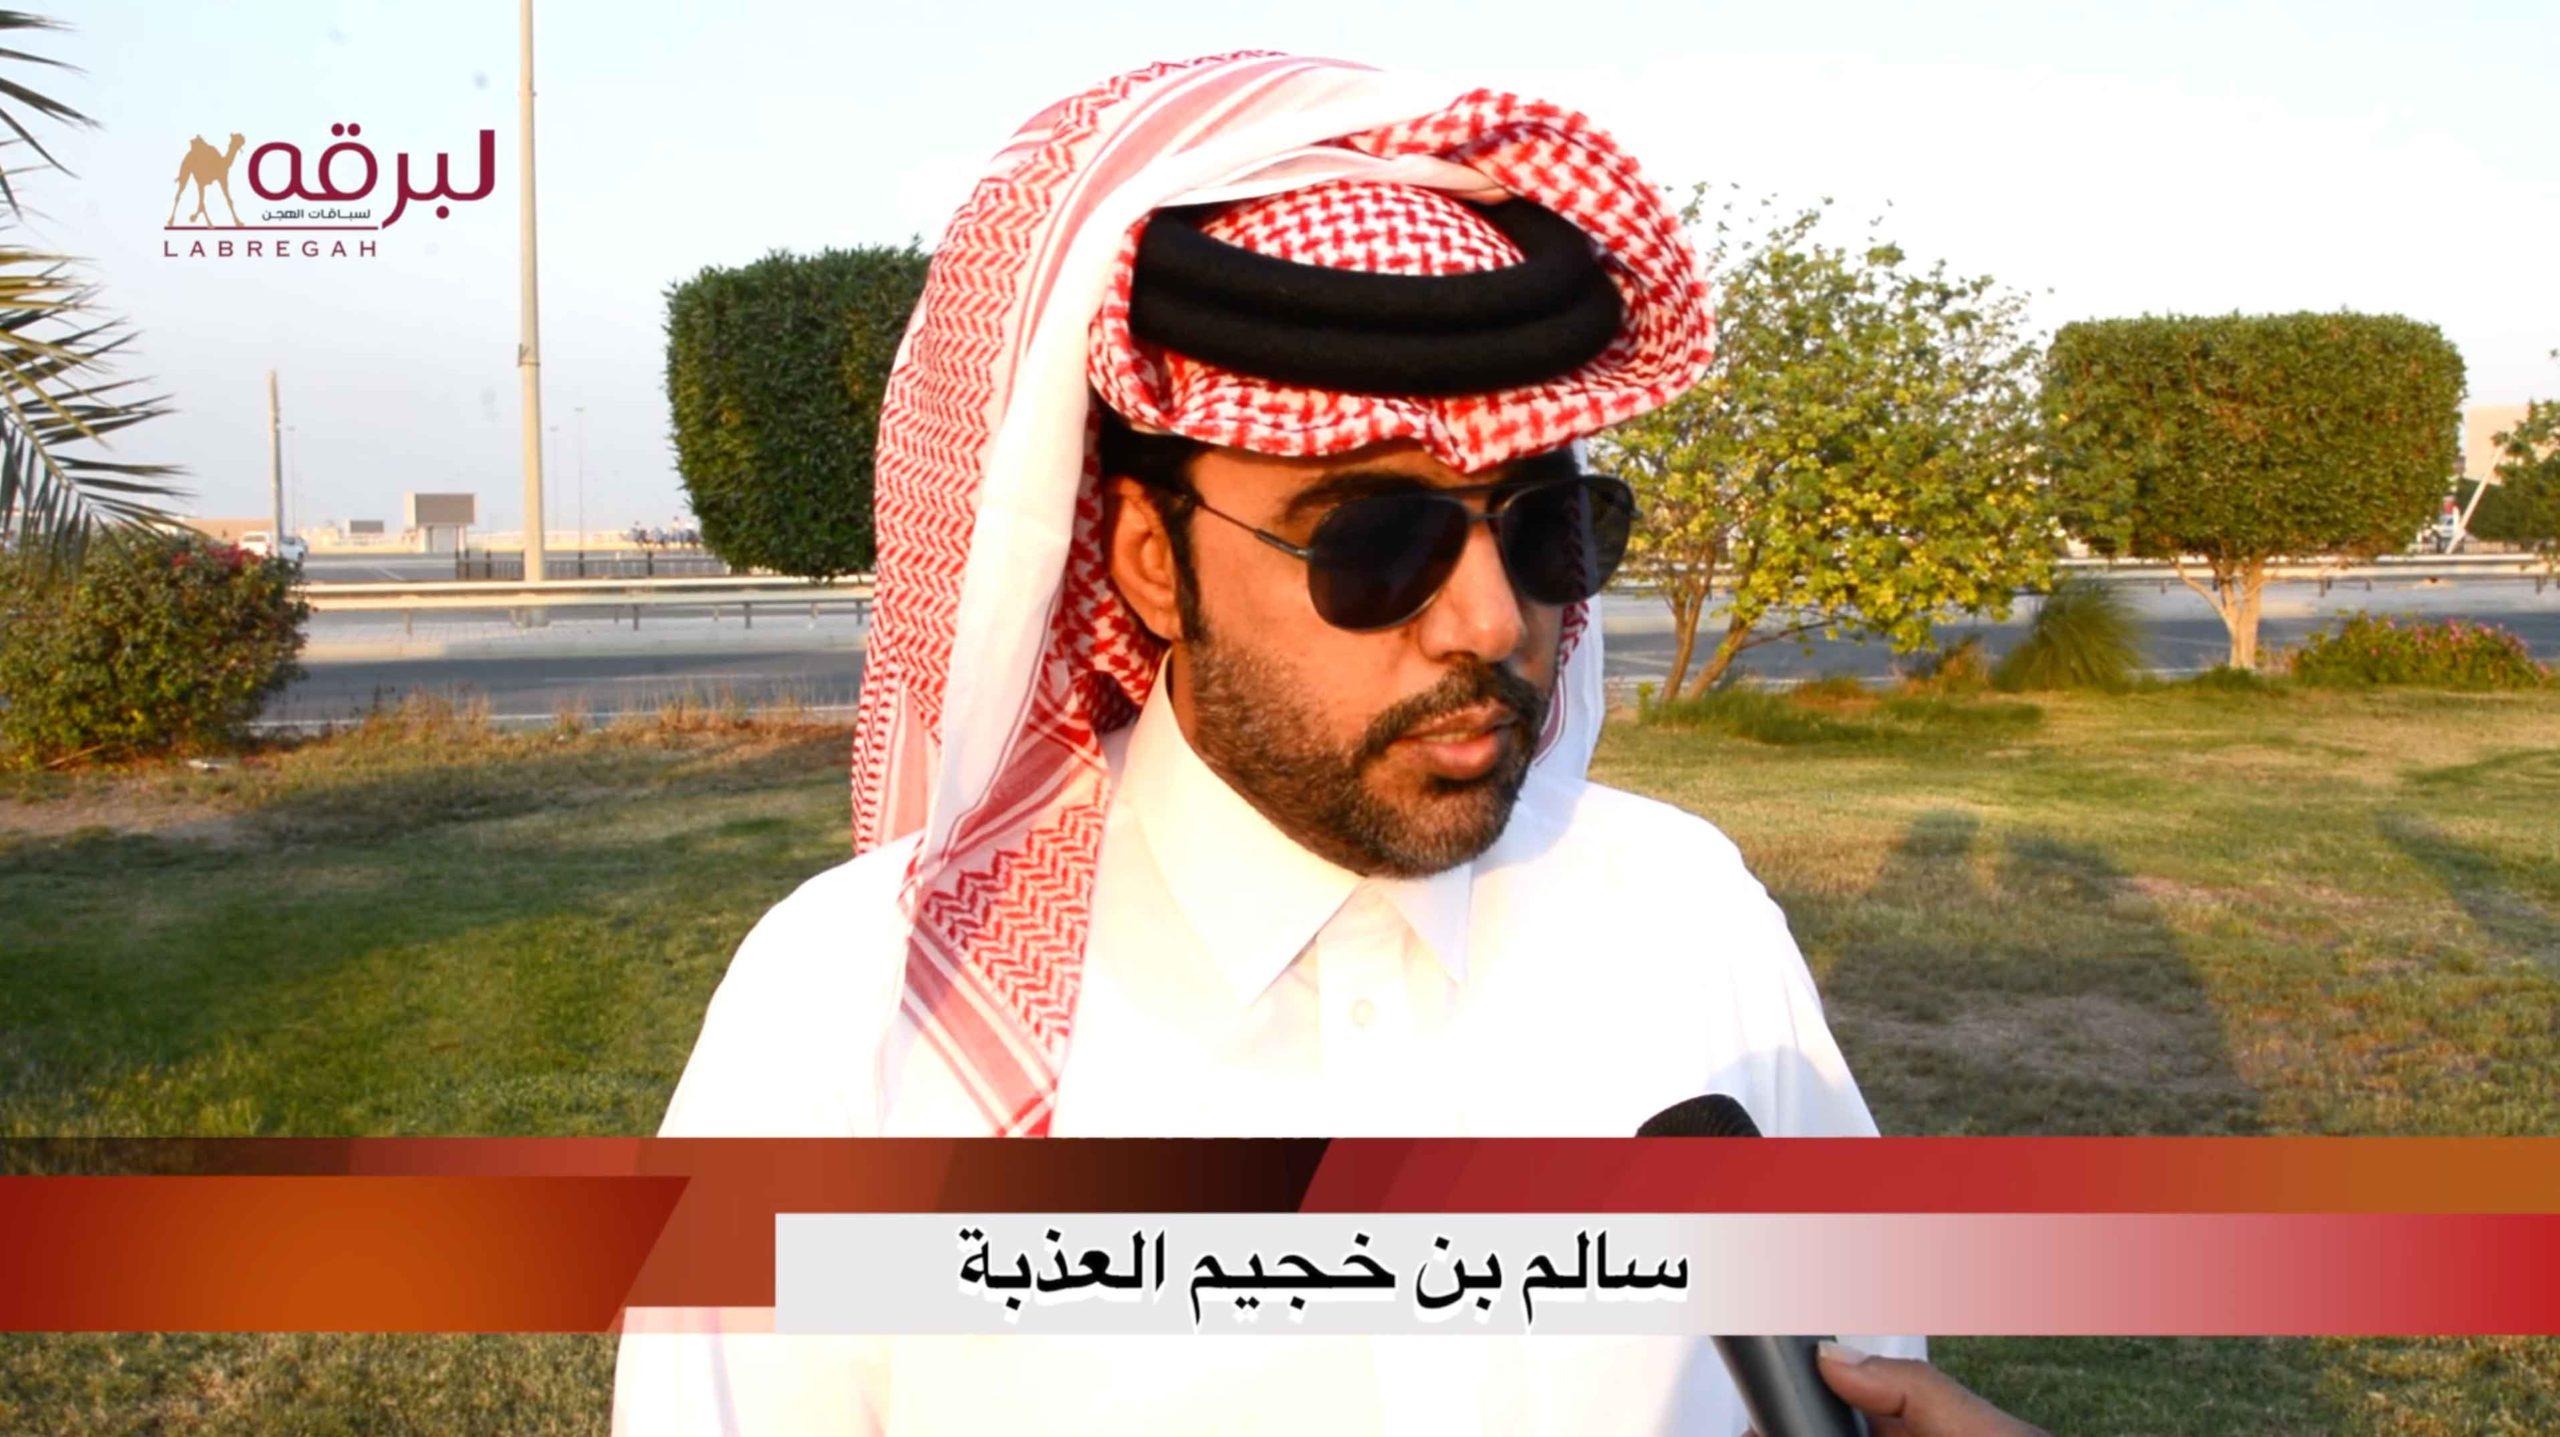 لقاء مع سالم بن خجيم العذبة.. الشوط الرئيسي للقايا بكار إنتاج الأشواط العامة مساء ٢٣-١٠-٢٠٢٠